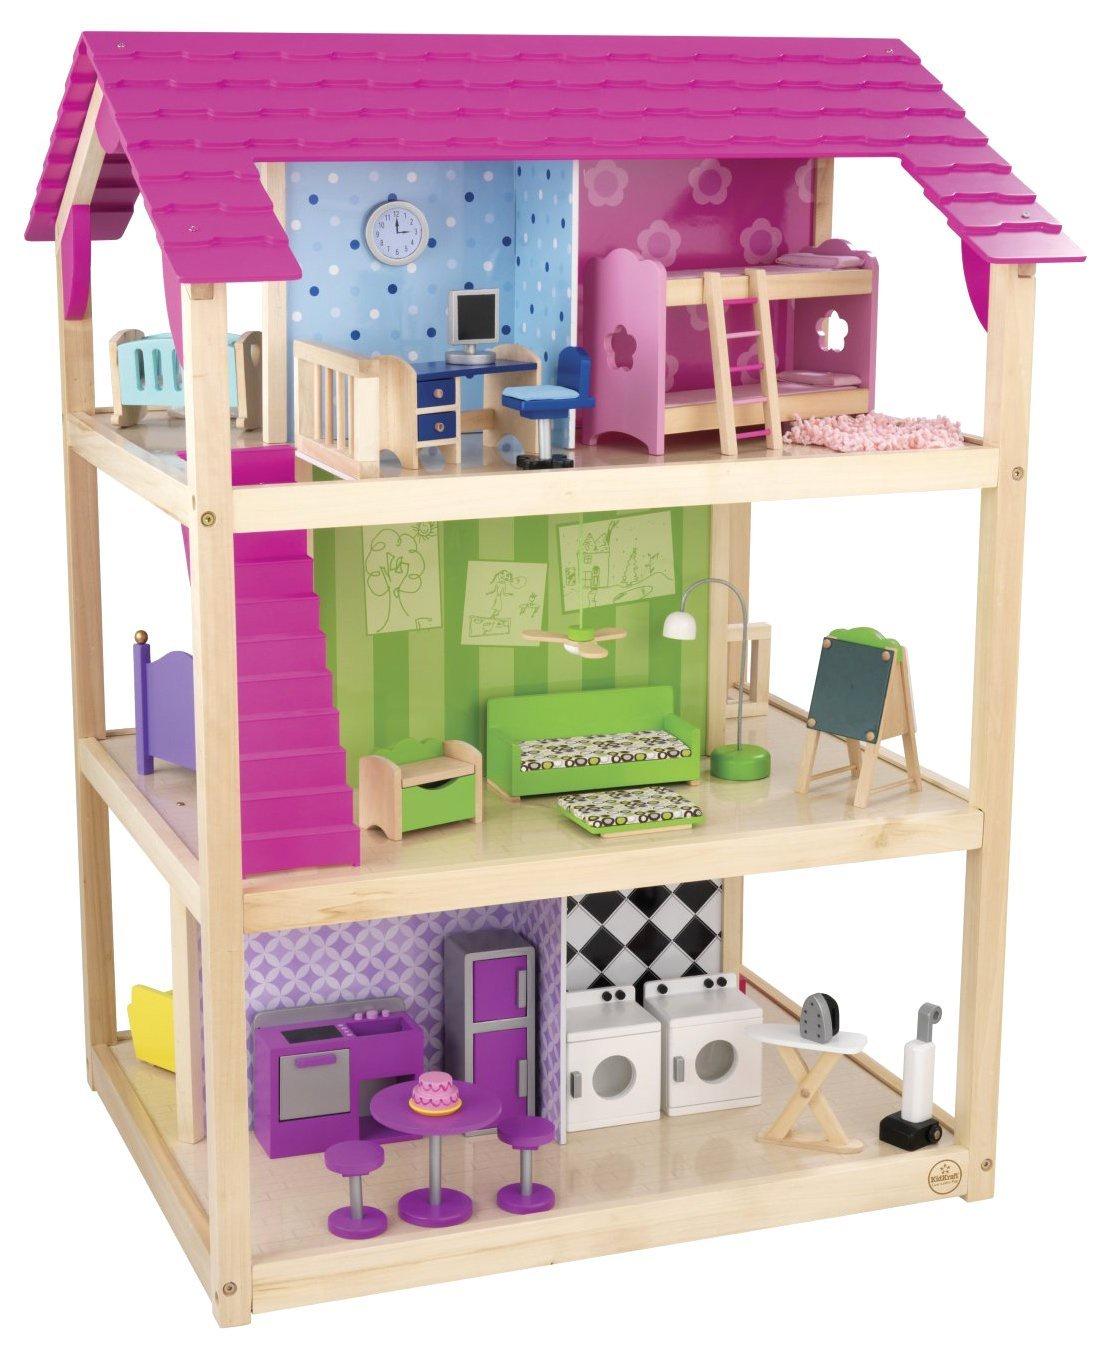 Кукольный домик Самый роскошный (So Chic) с мебелью 45 элементов, на колесиках кукольный домик вдохновение для кукол до 30 см 16 предметов мебели 2 лестницы